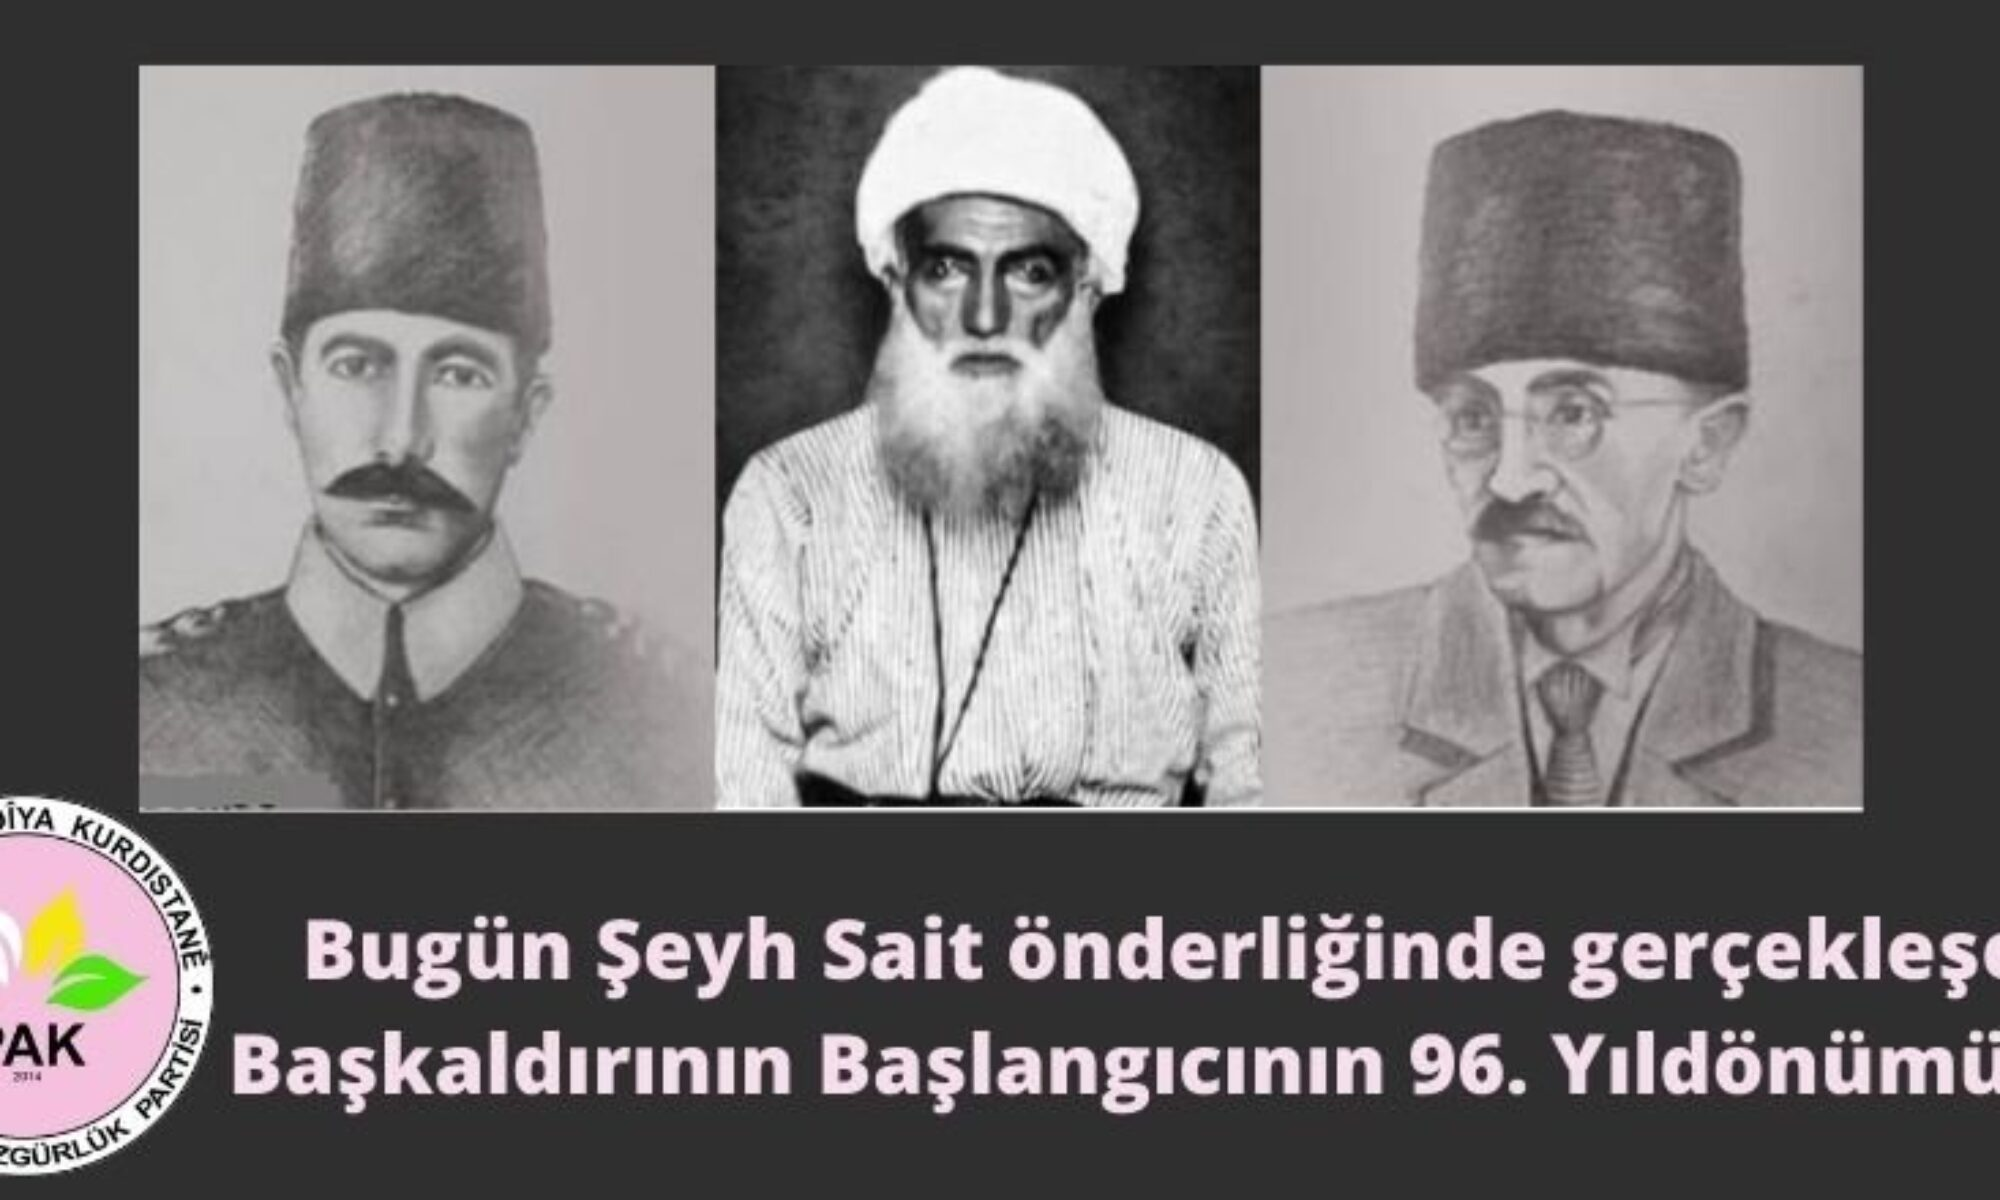 PAK: Şeyh Sait Serhildanı Kürtlerin onurunu, varlığını korumayı, Kürdistan'ın özgürlüğünü hedefleyen bir başkaldırıydı